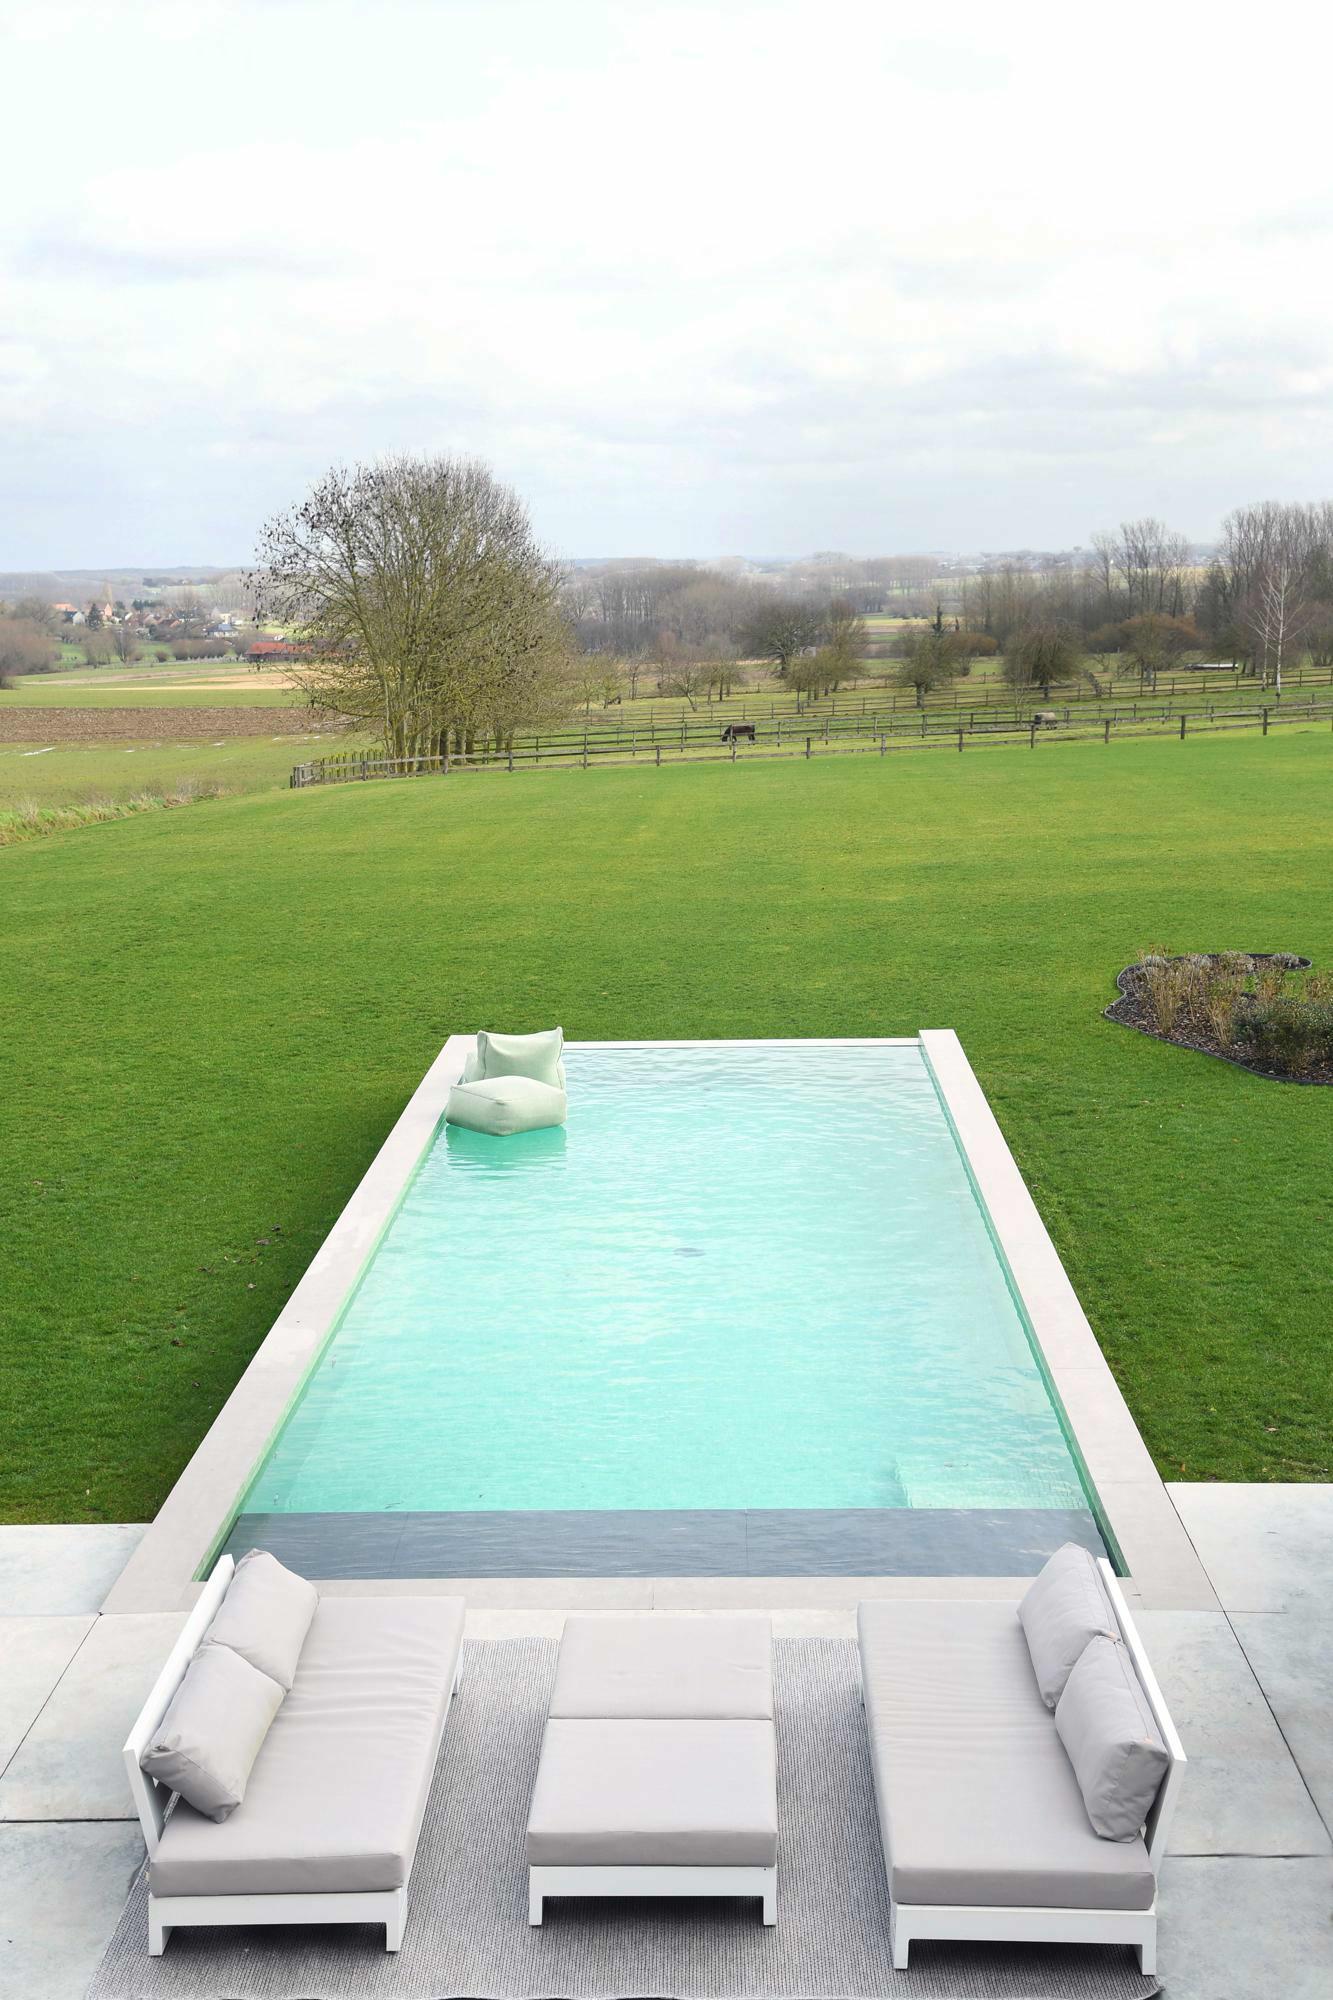 Overloopzwembad in Herne